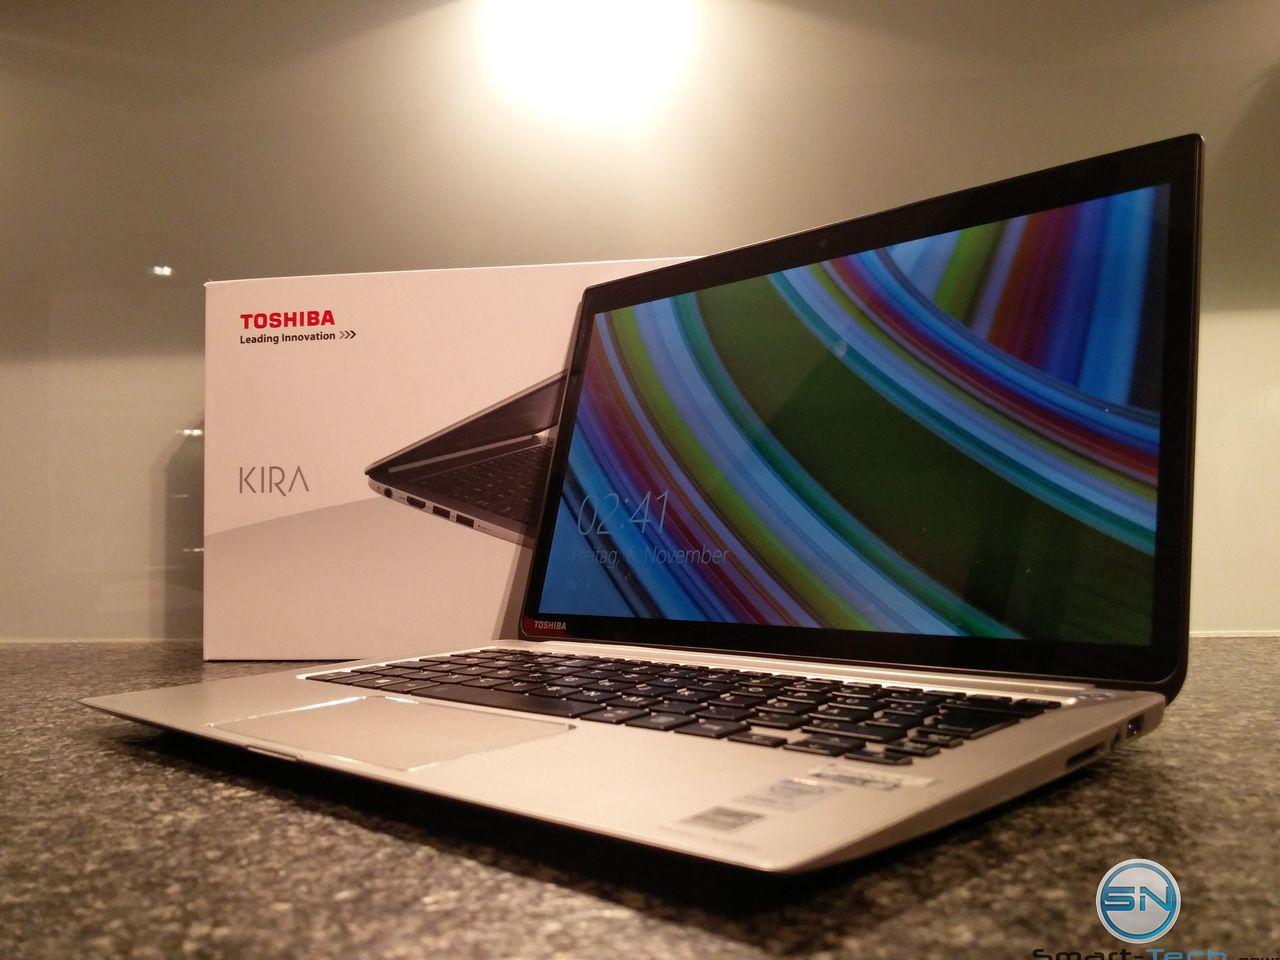 Toshiba-KIRA107-Header-SmartTechNews